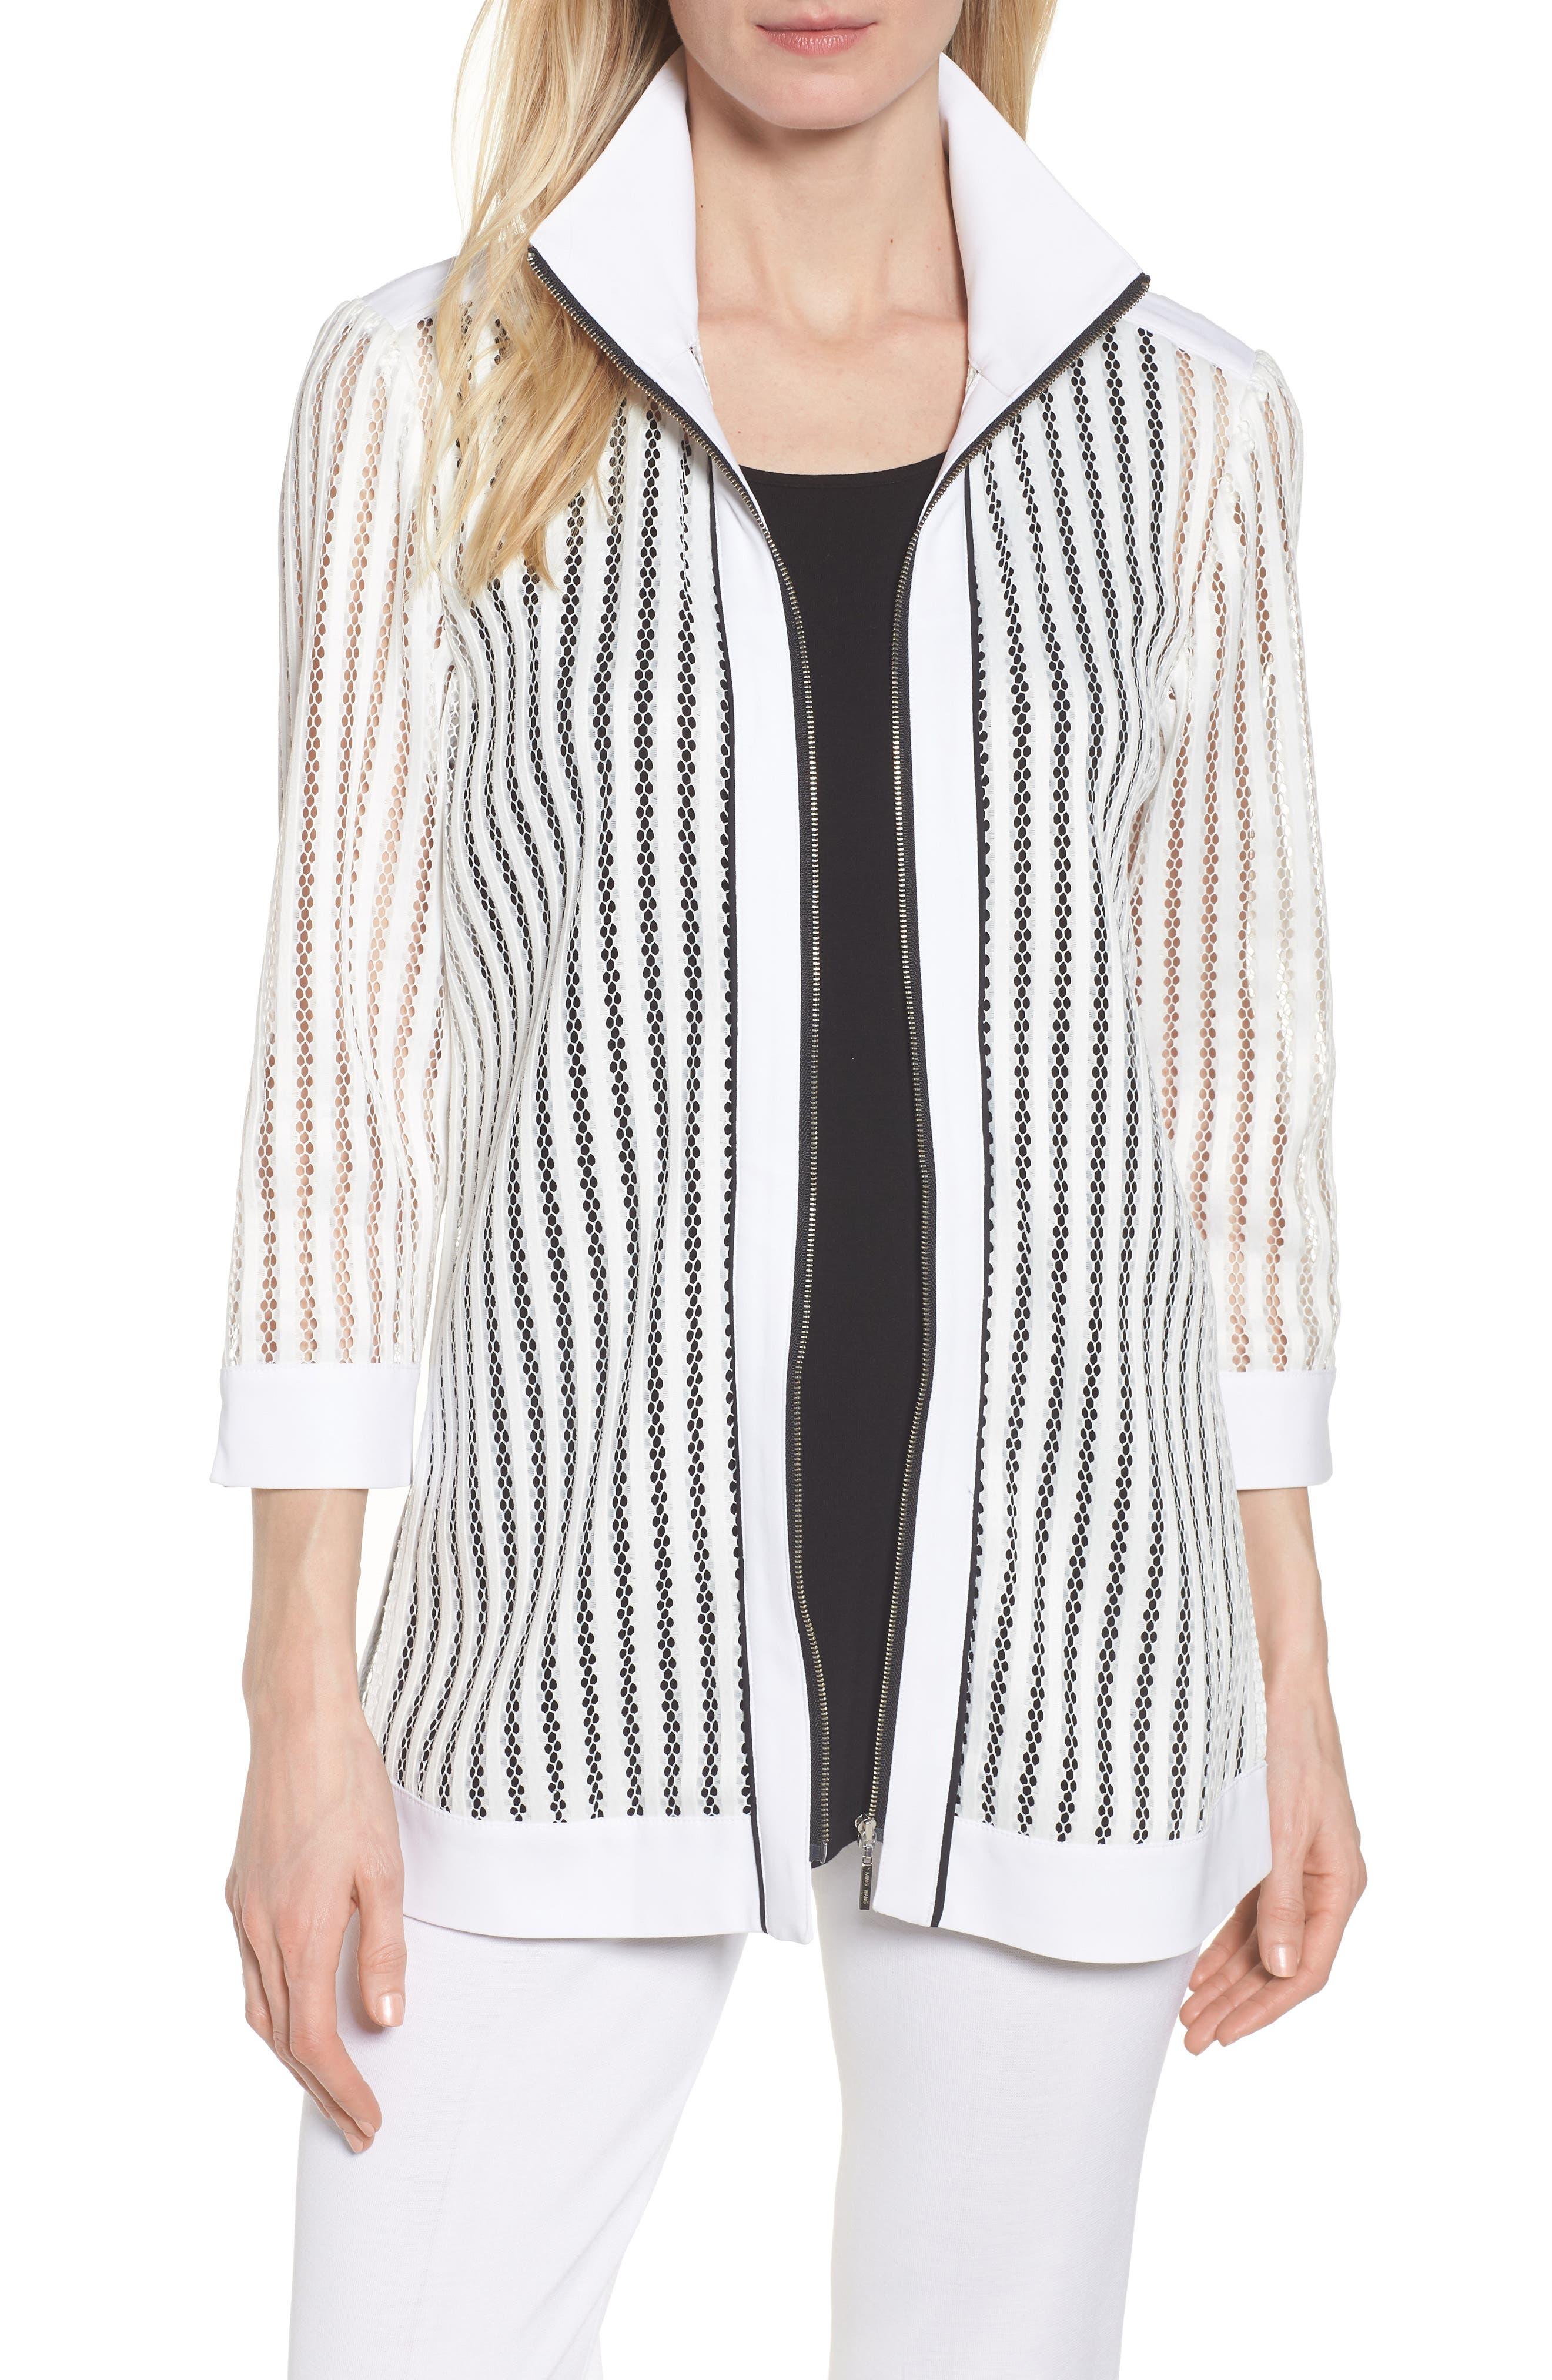 Ming Mang Open Stitch Sweater Jacket